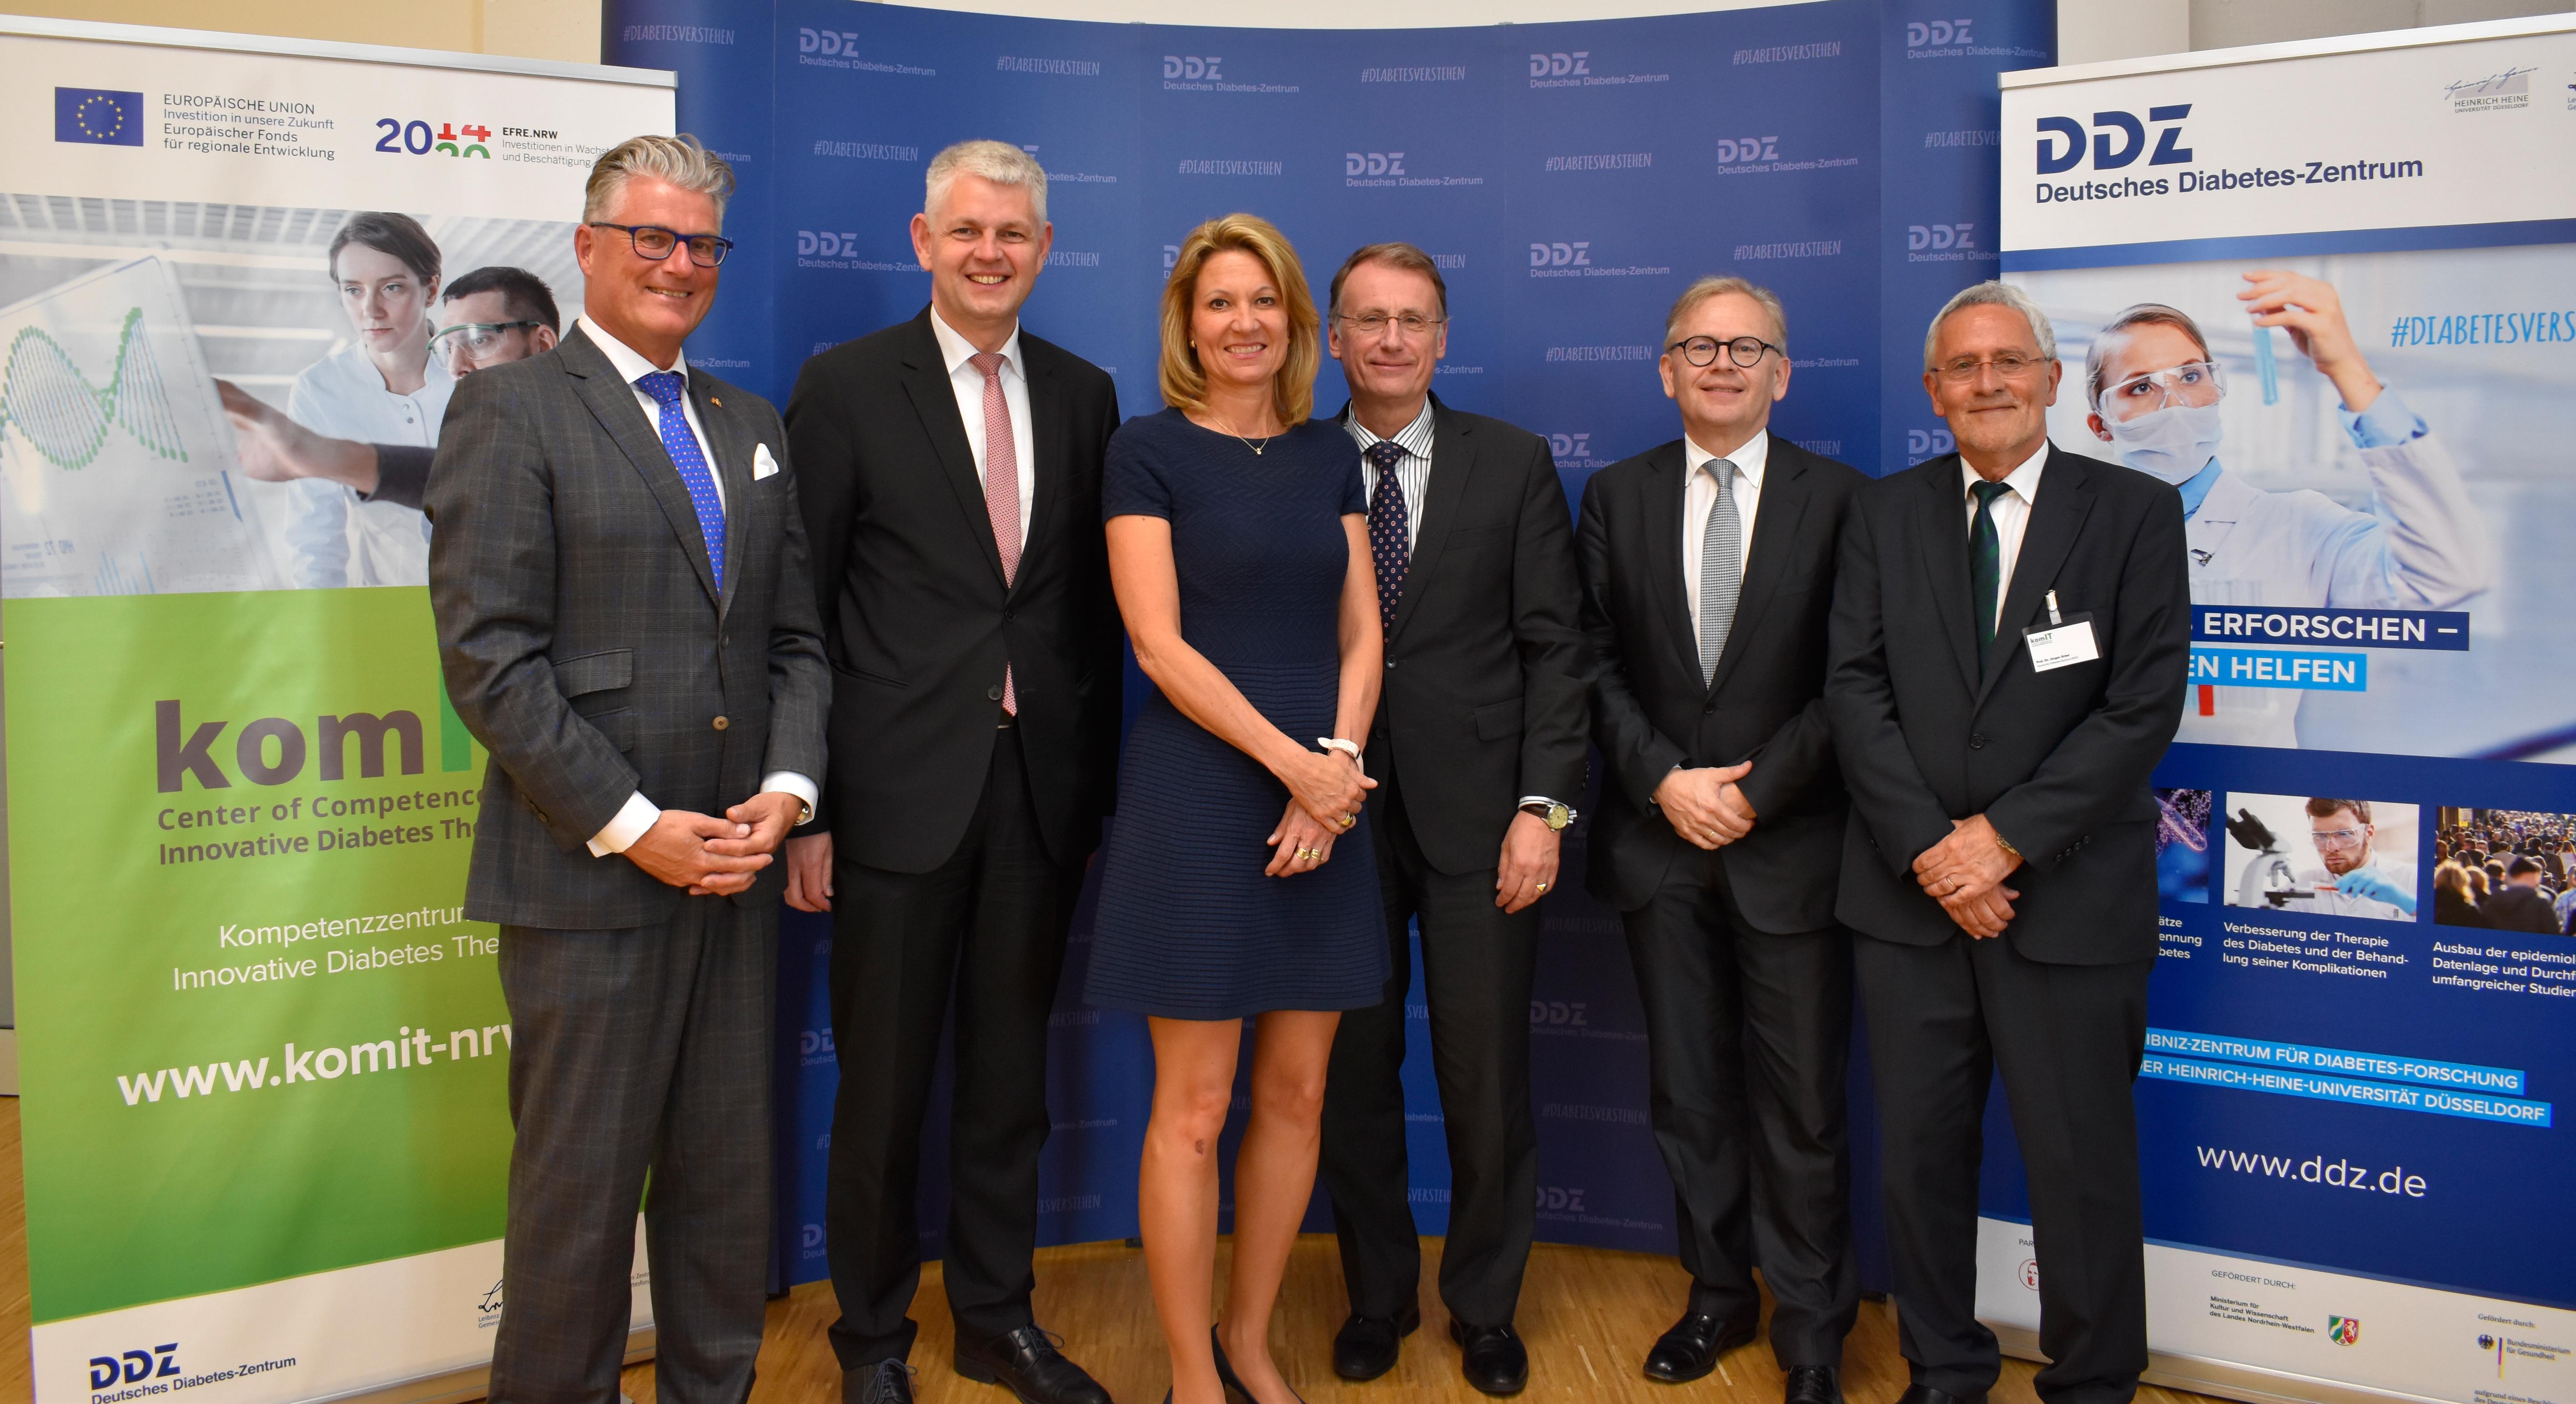 v.l.n.r. Prof. Meyer-Falcke, Herr Christoph Dammermann, Prof. Dr. Anja Steinbeck, Prof. Dr. D. Müller-Wieland, Prof. Dr. Roden, Prof. Dr. Eckel